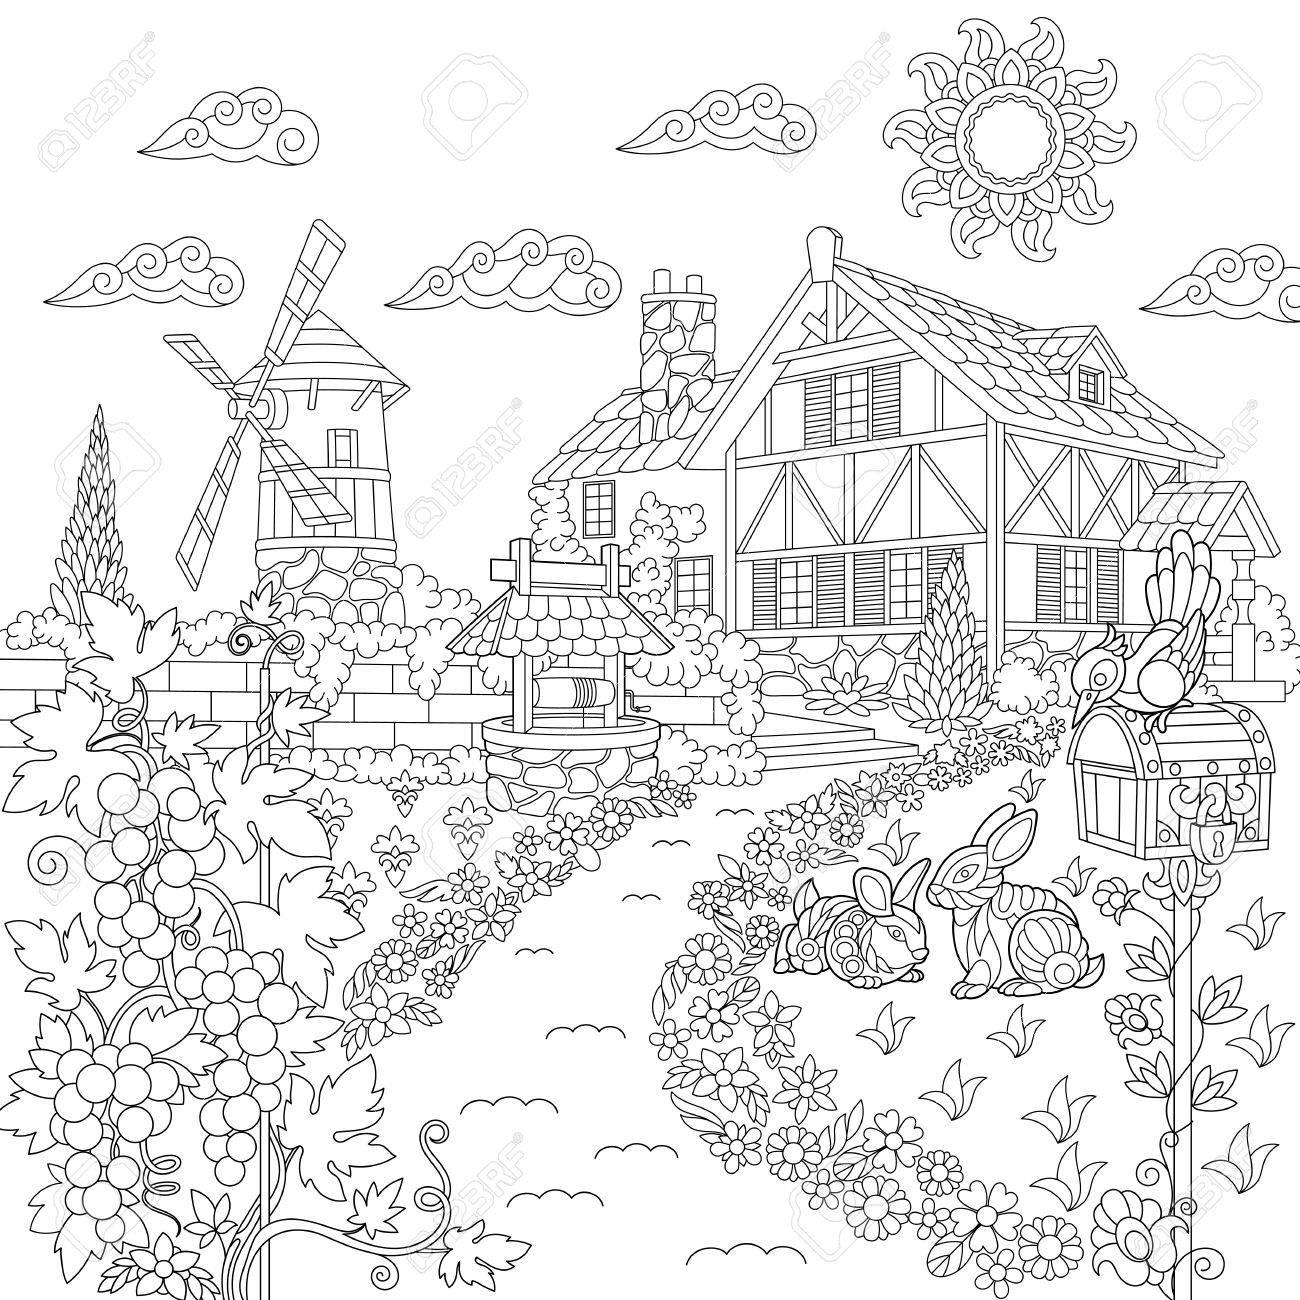 Coloriage Batiment Ferme.Livre Pour Colorier Du Paysage Rural Ferme Moulin A Vent Puits D